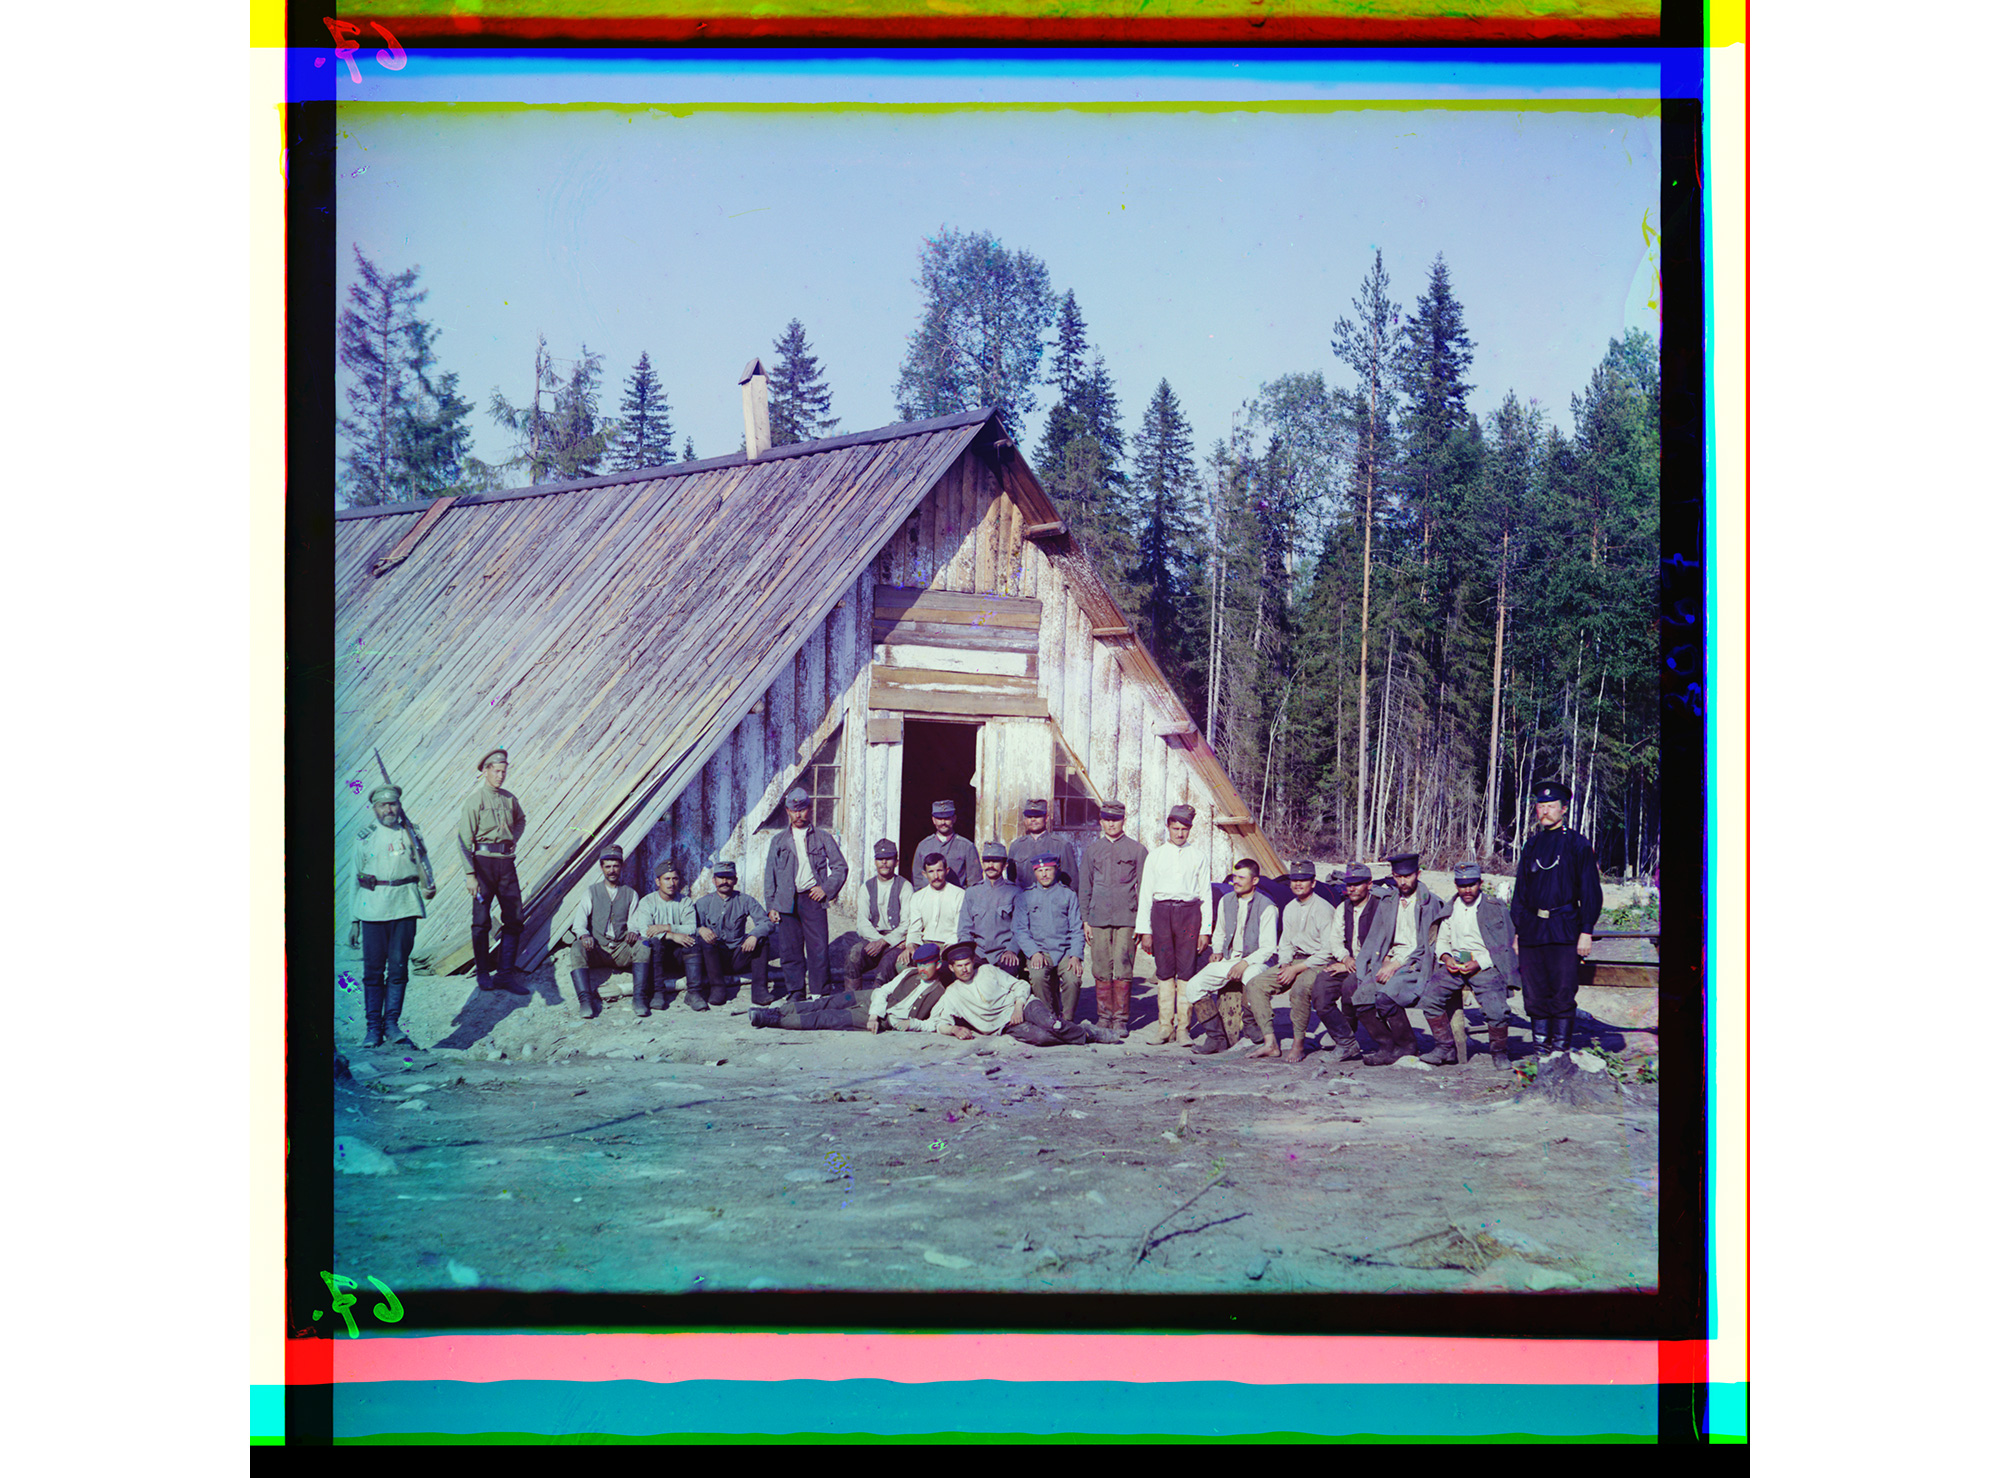 Österreichische Kriegsgefangene vor einer Baracke nahe Kiappeselga / Kannesemga, 1915